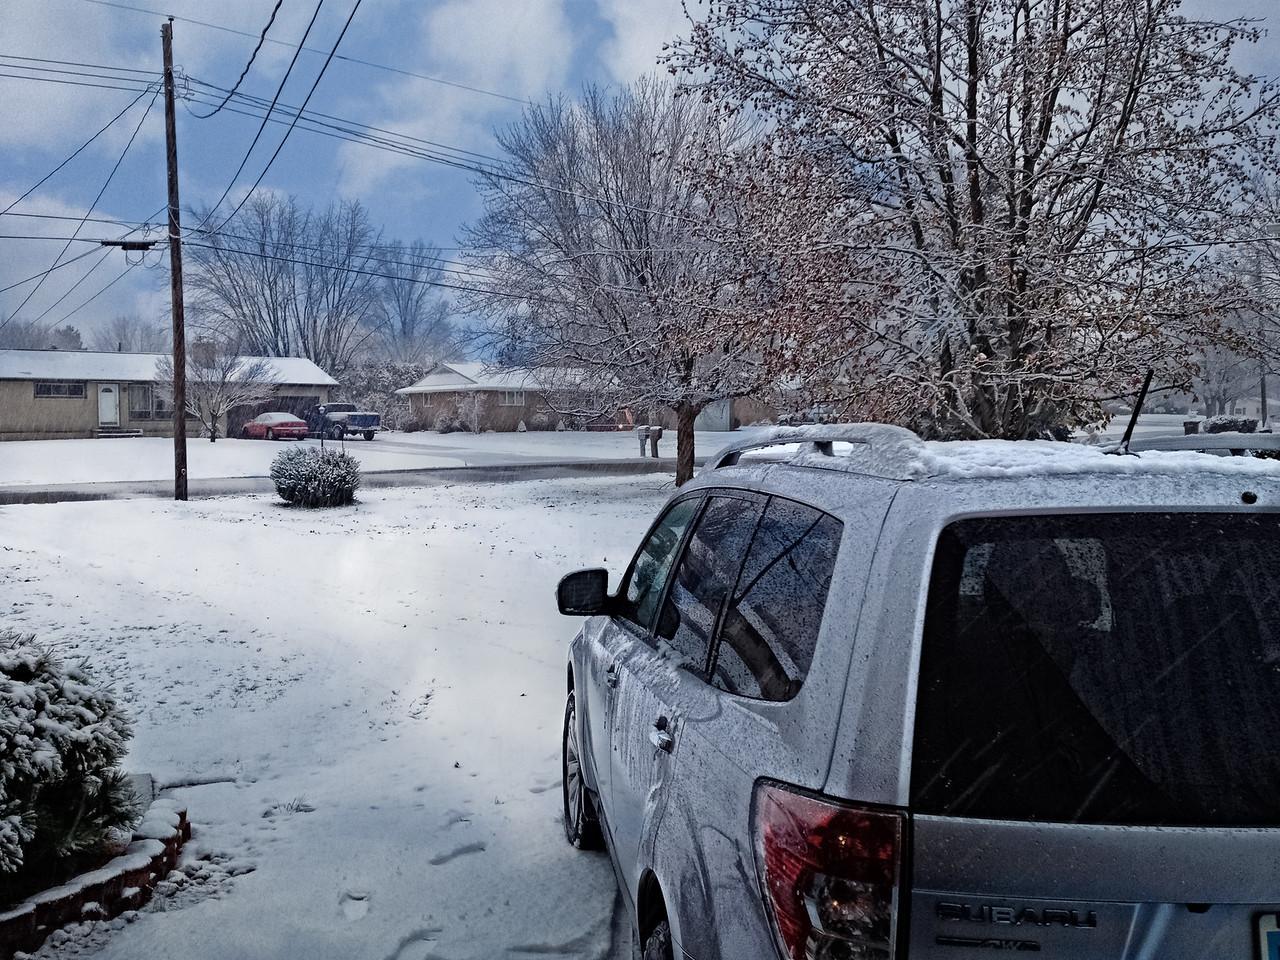 Snowy Day in November